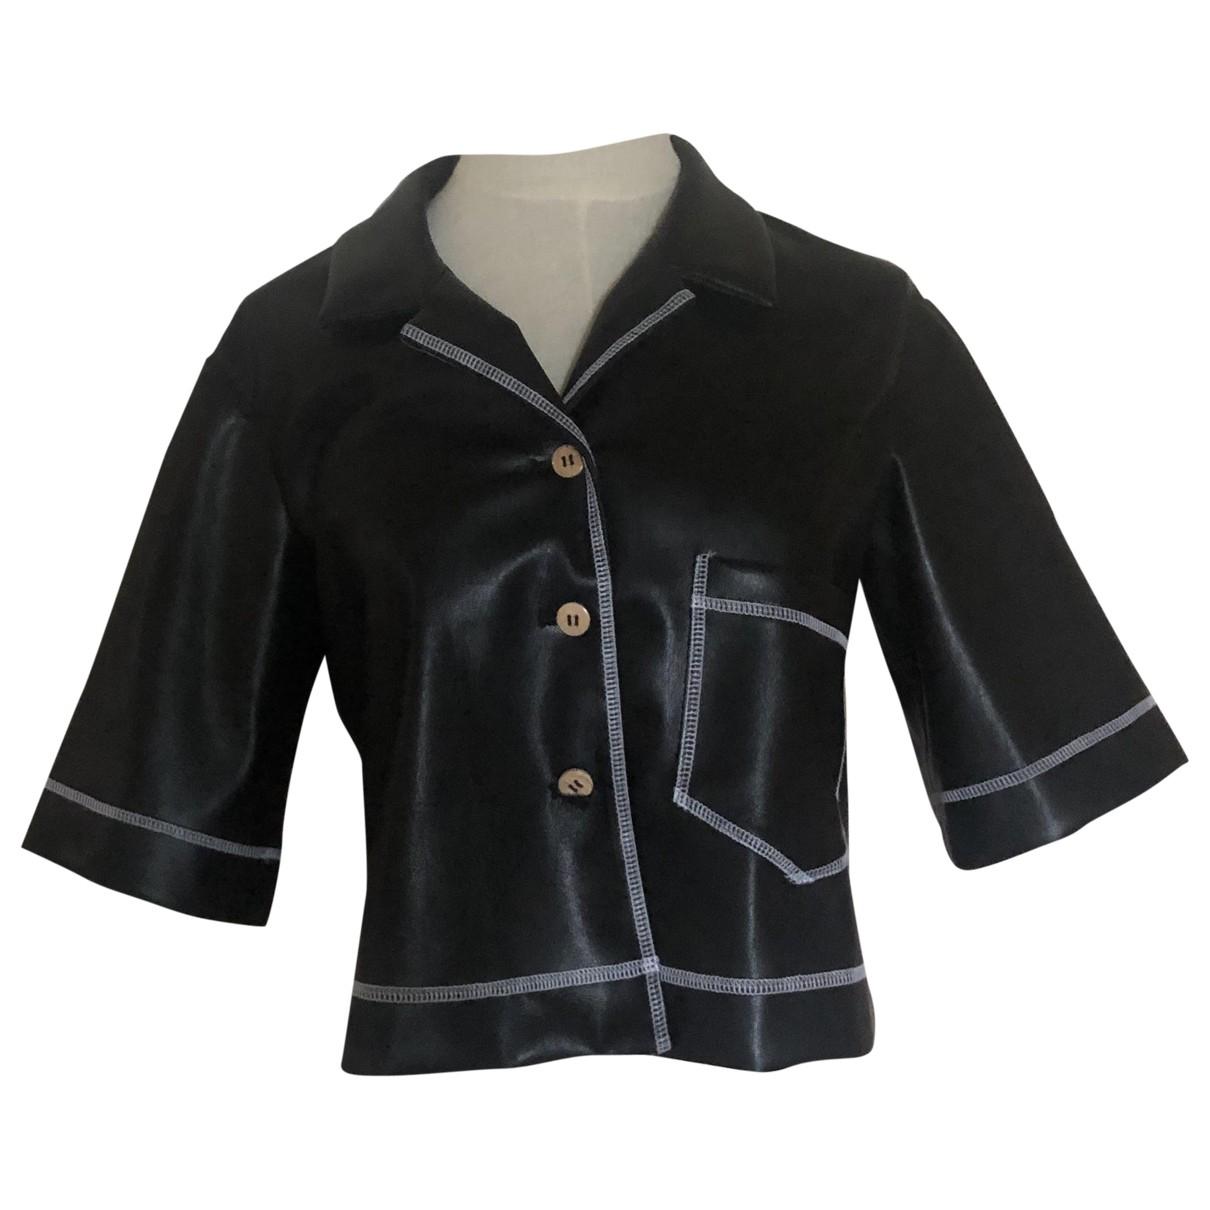 Nanushka - Top   pour femme en cuir - noir